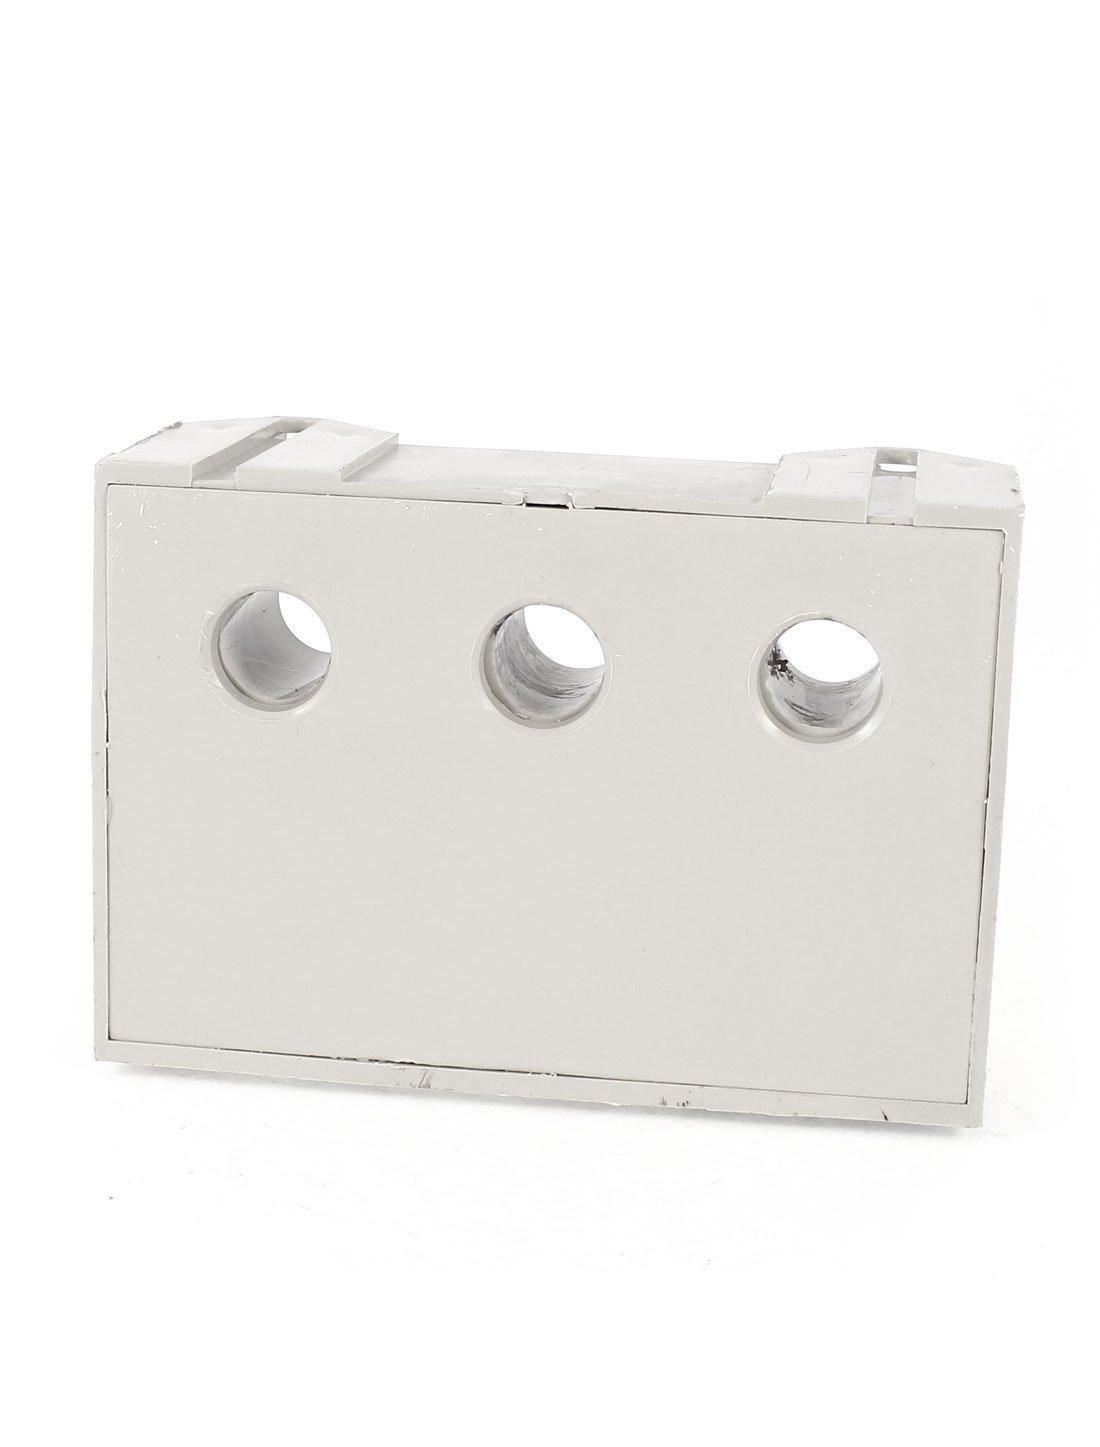 DealMux EKJD-8 3 Phase 2.5-5 Ampere Adjustable Current Motor Circuit Protector